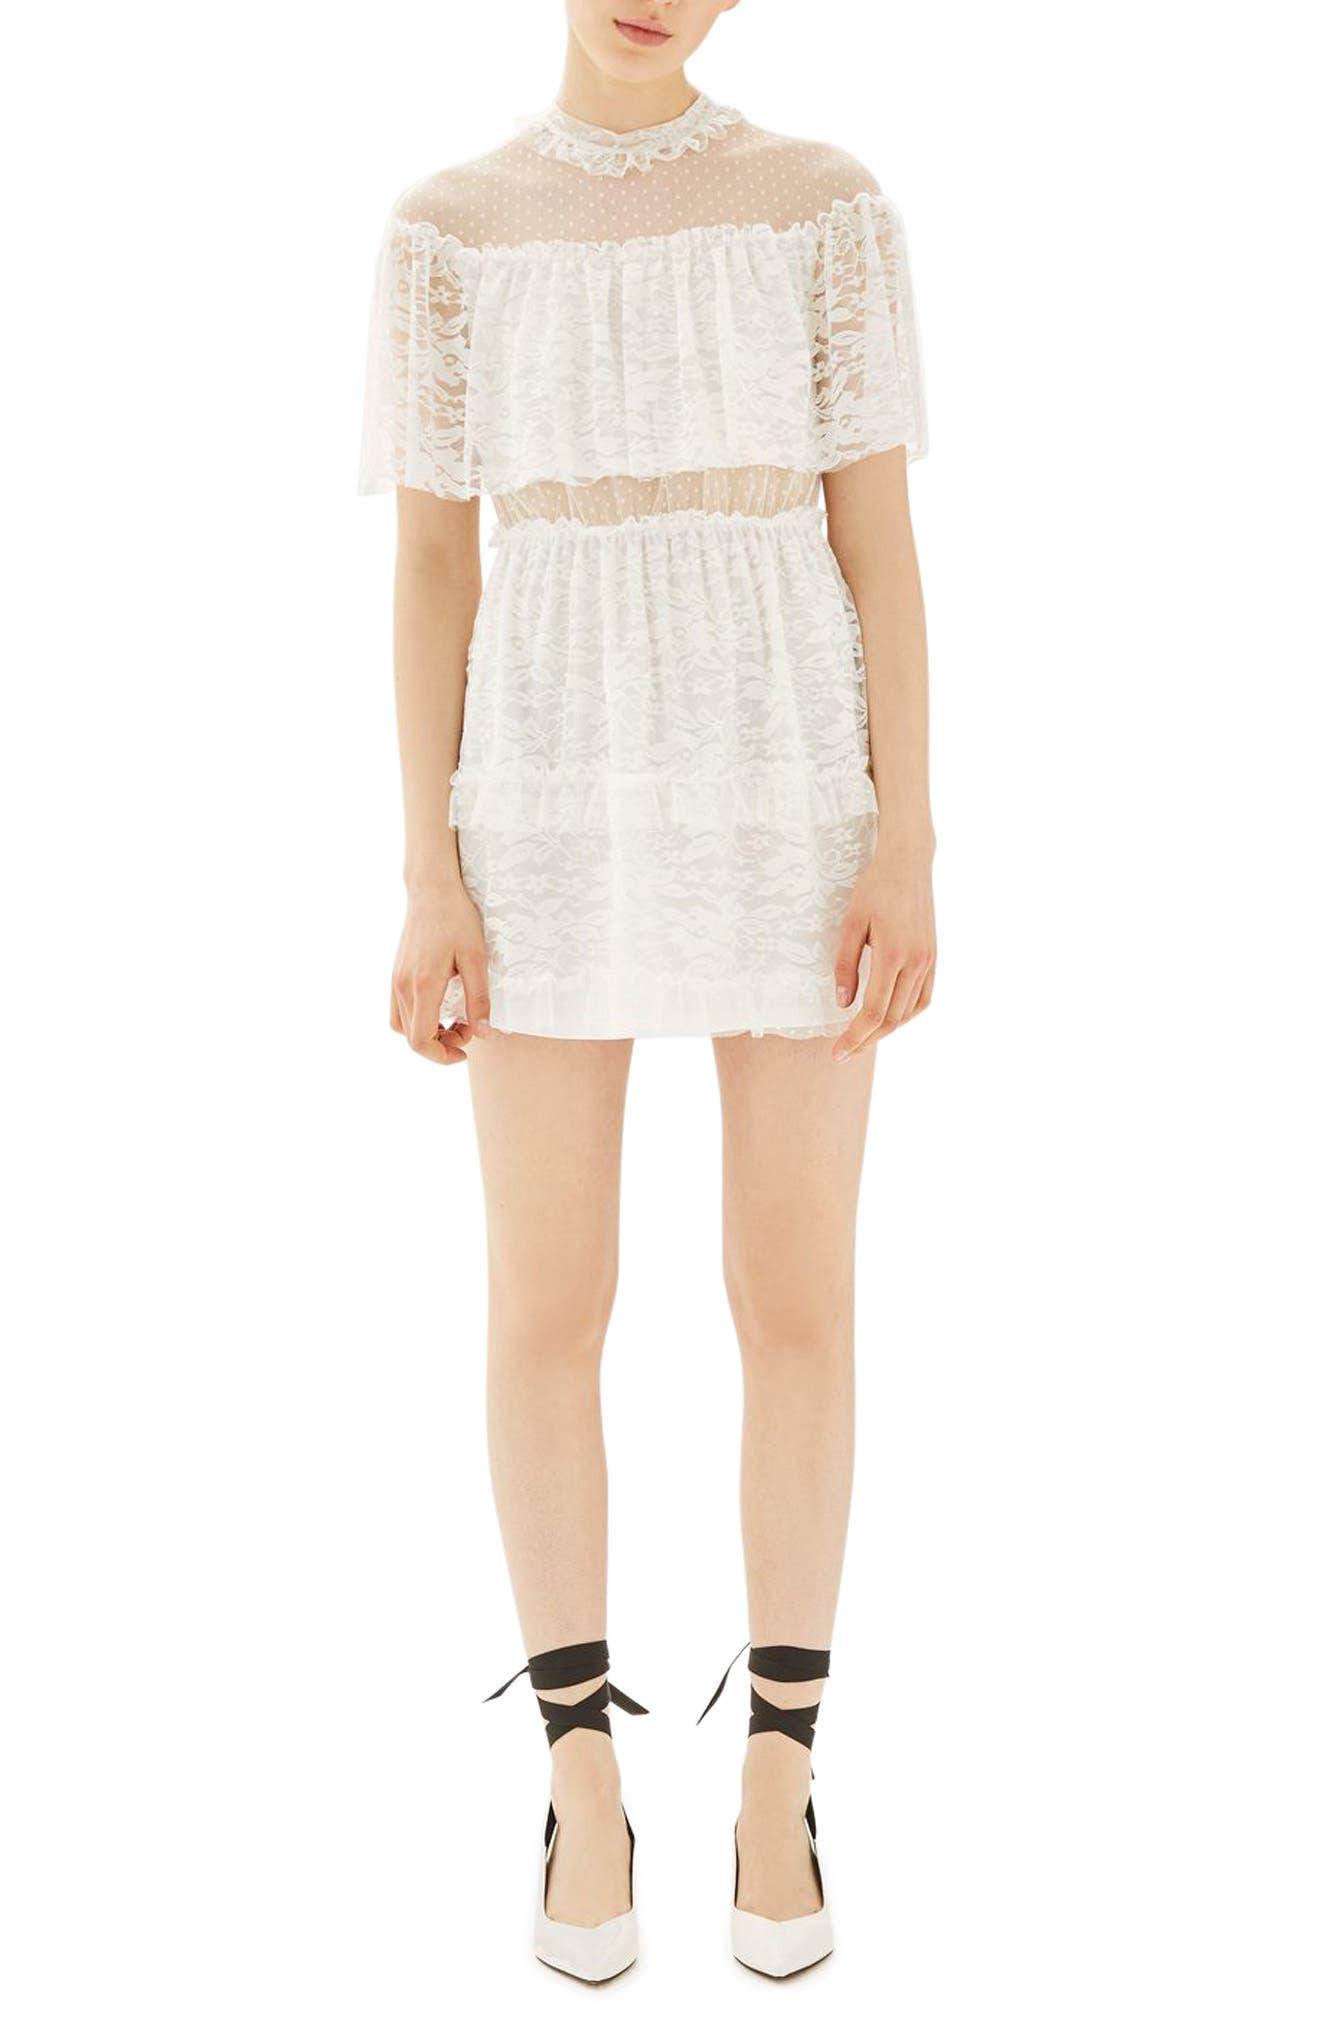 Topshop Lace Cape Skater Dress